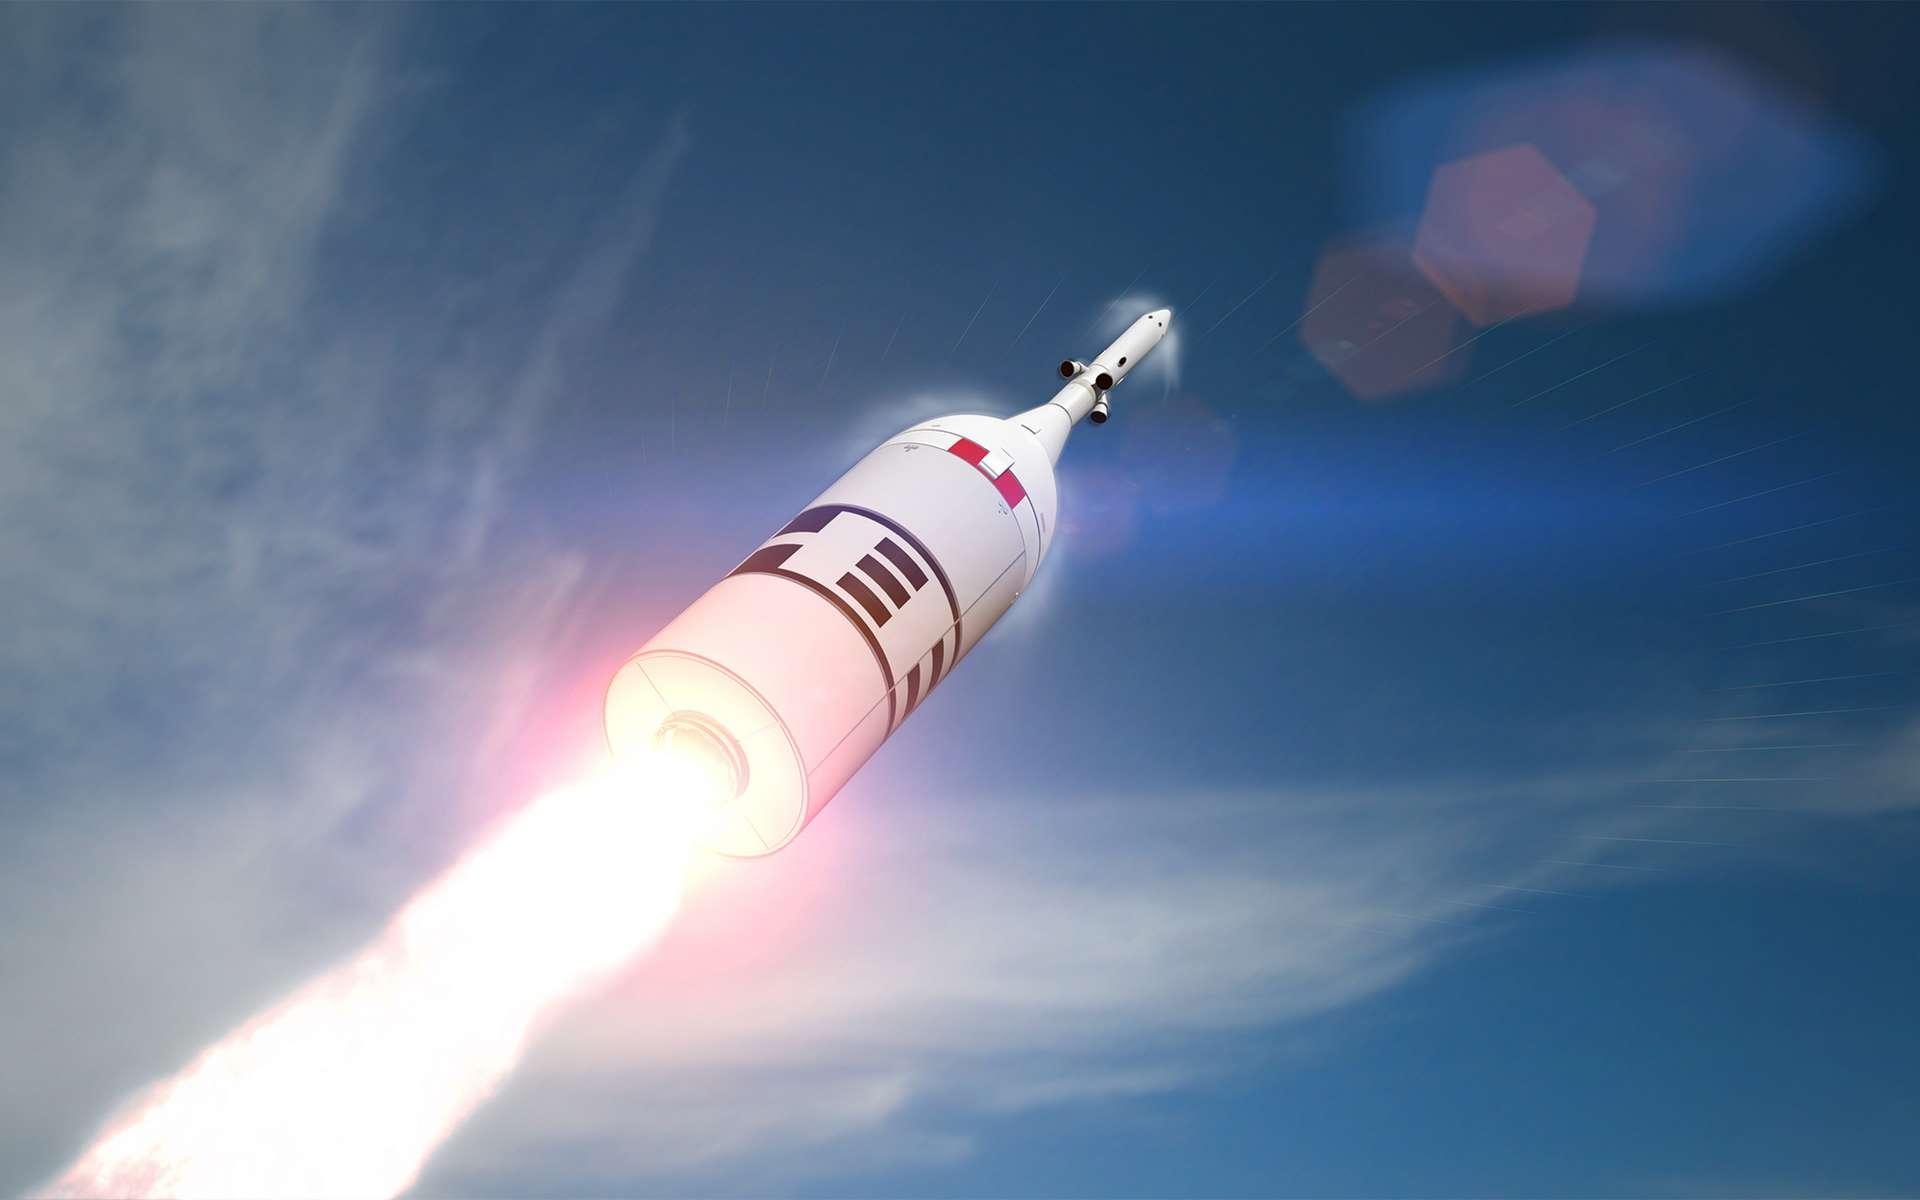 Vue d'artiste du test d'abandon au lancement AA-2 du véhicule Orion de la Nasa. © Nasa